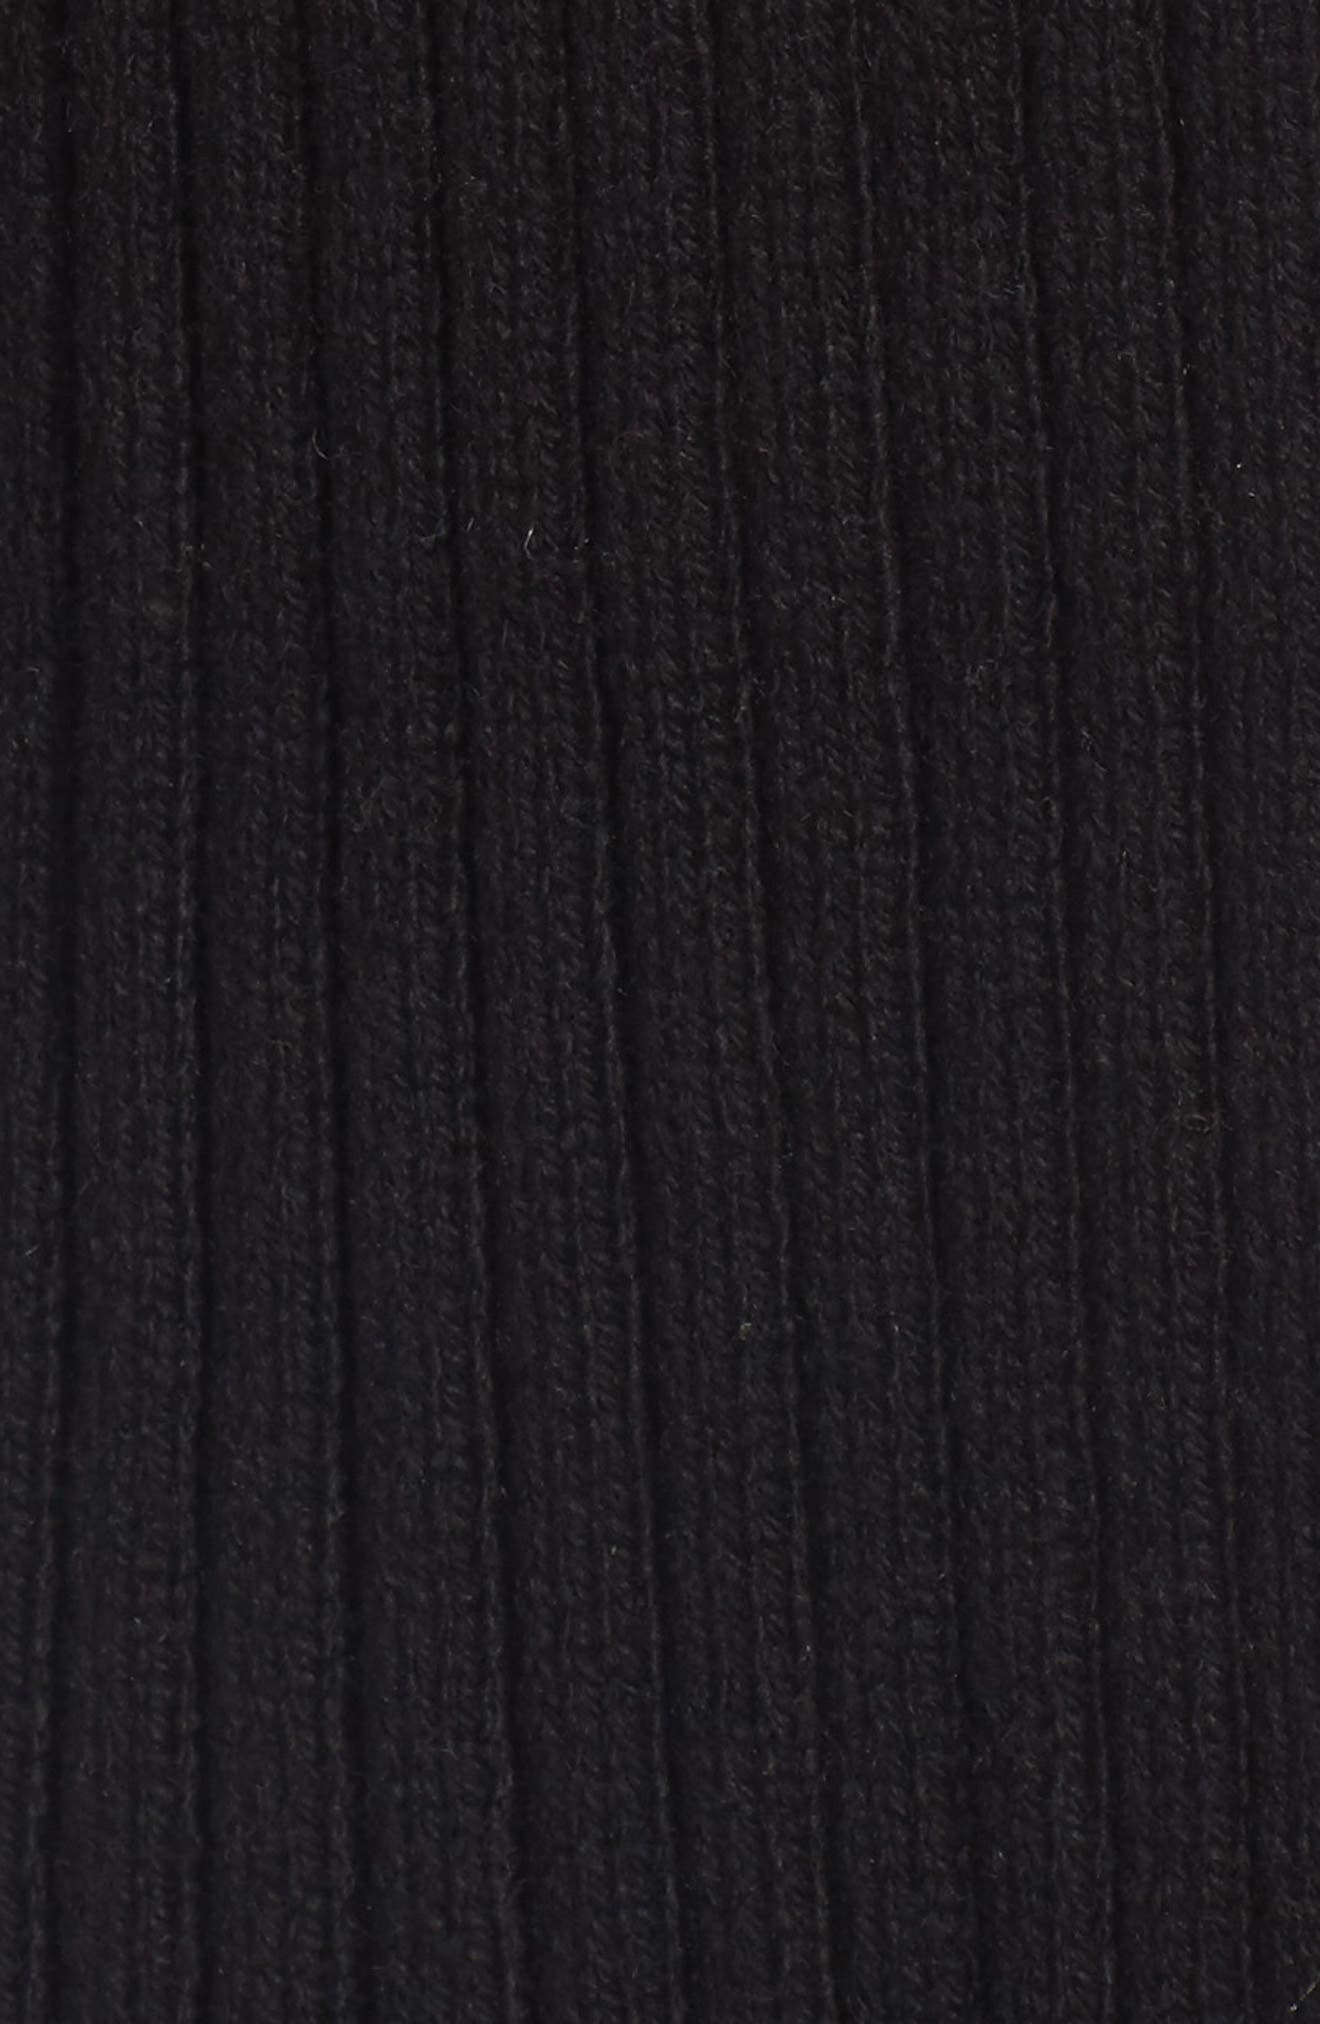 Rib Knit Cardigan,                             Alternate thumbnail 5, color,                             001